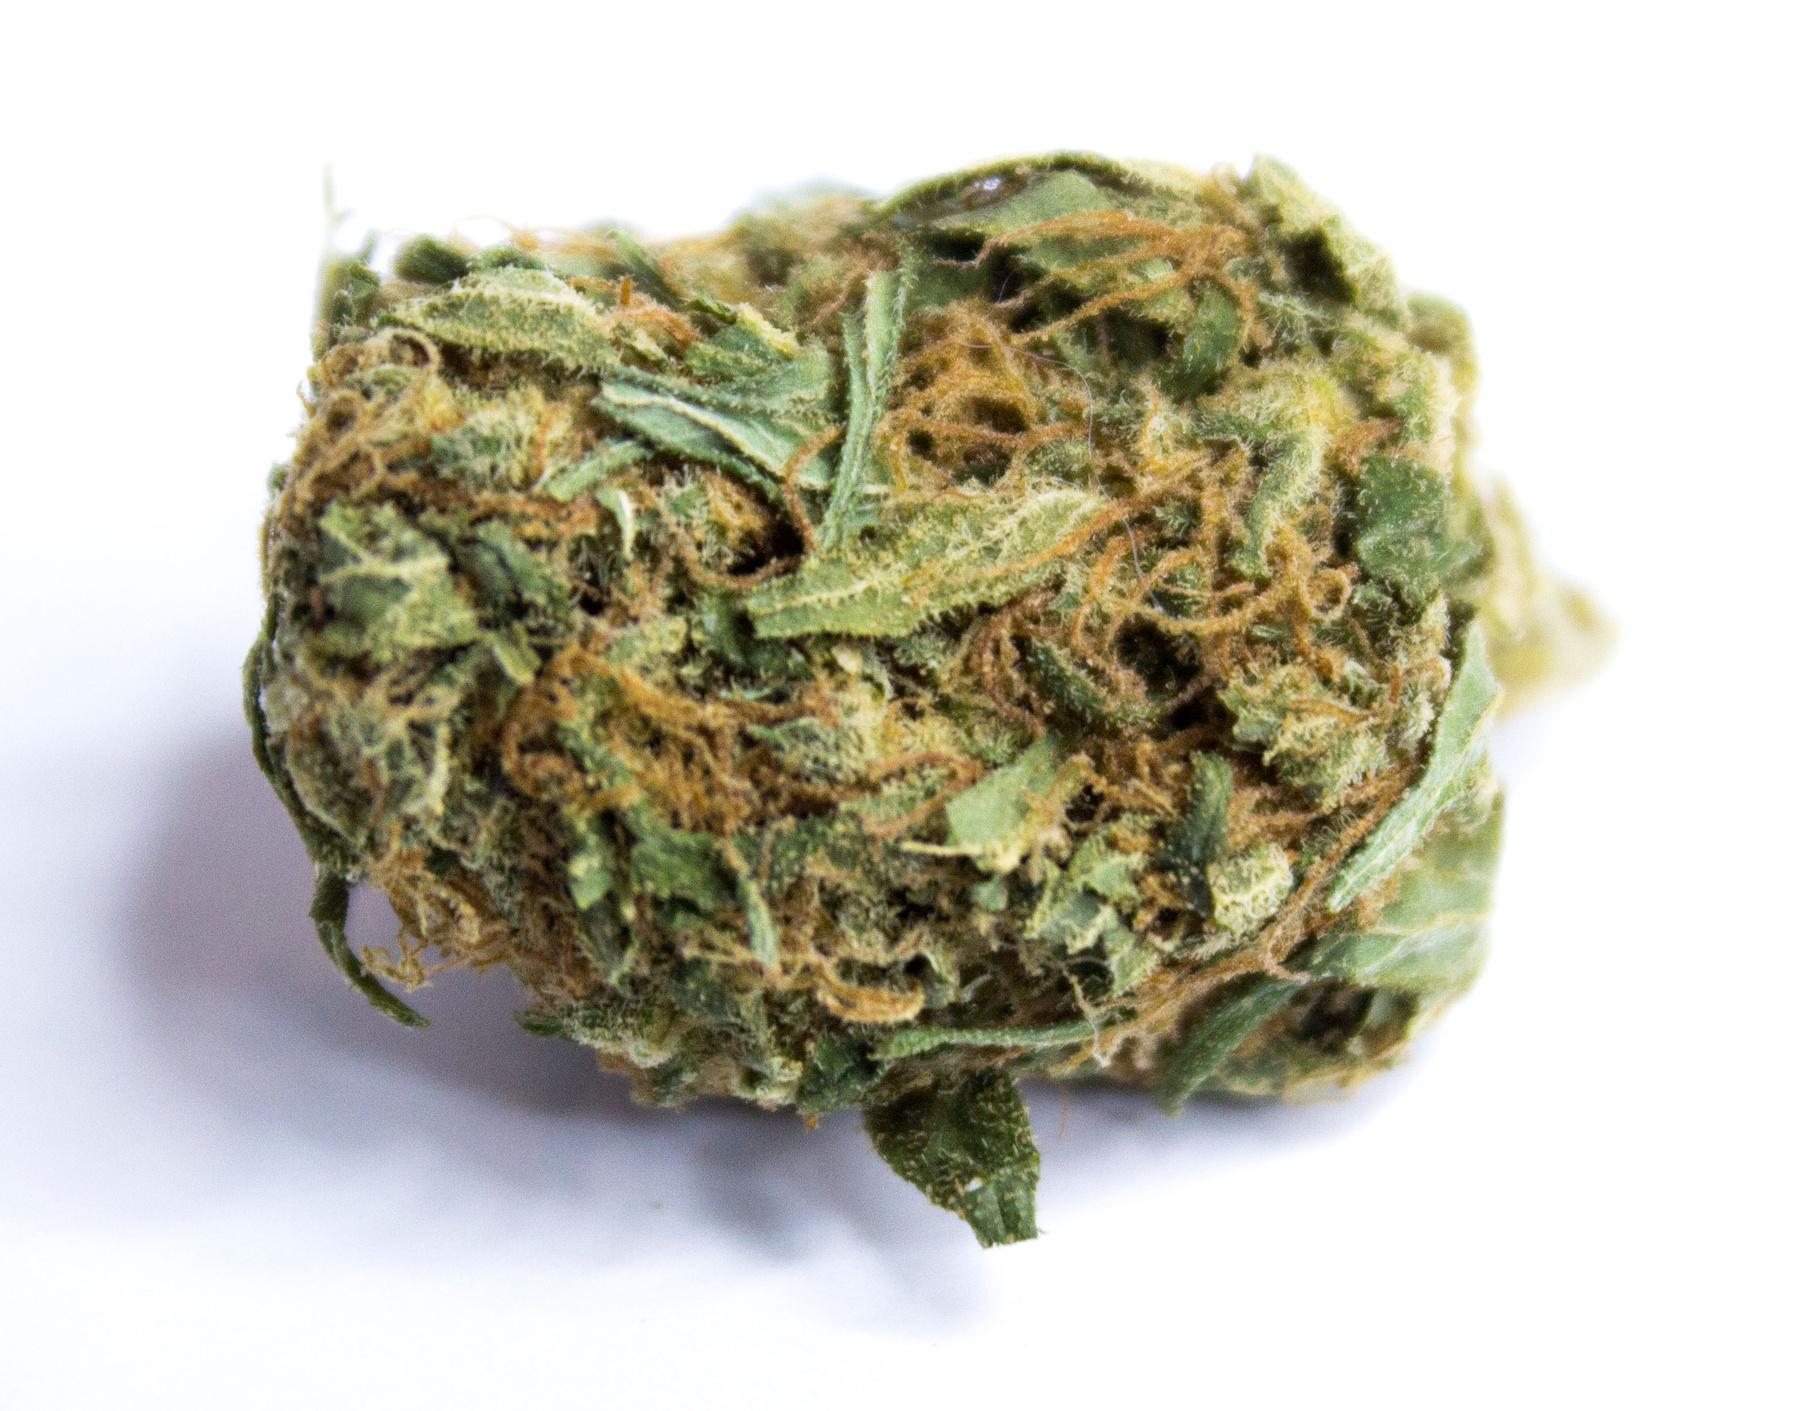 Mr Cannabis